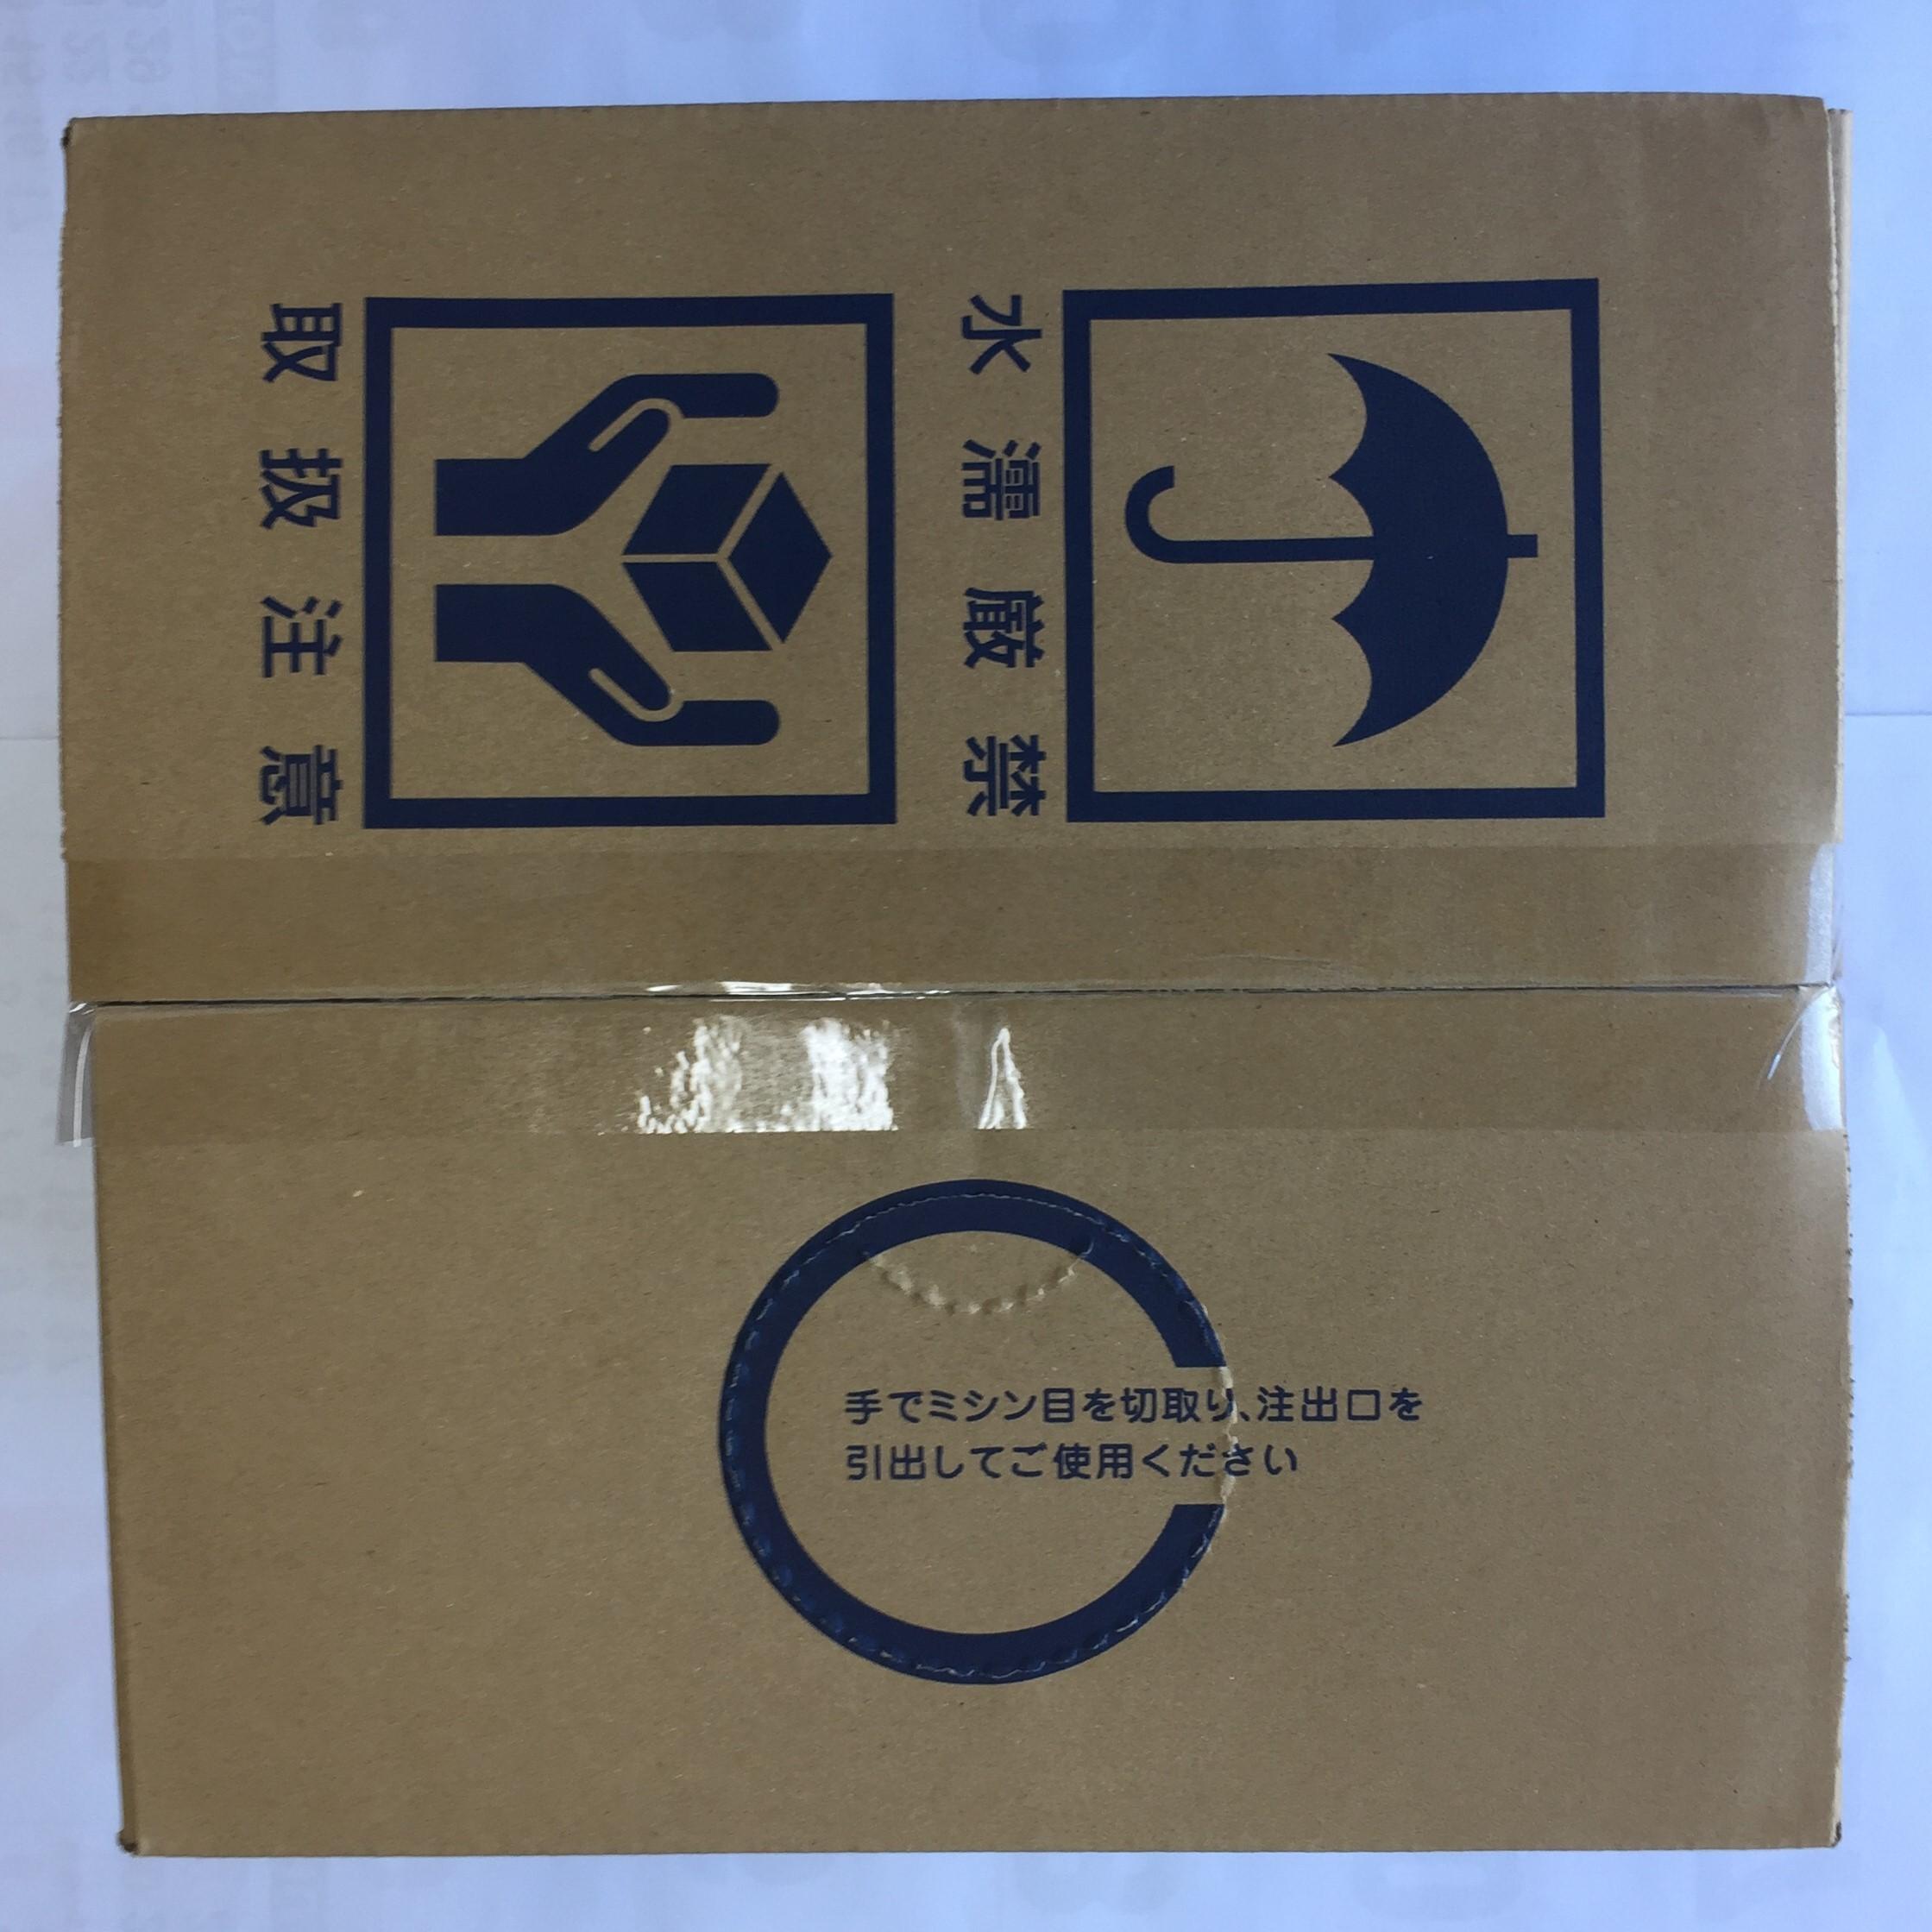 【EVW-10T3】 エヴァテック ウォーター 除菌消臭液 10リットル キューブテナー 300ppm